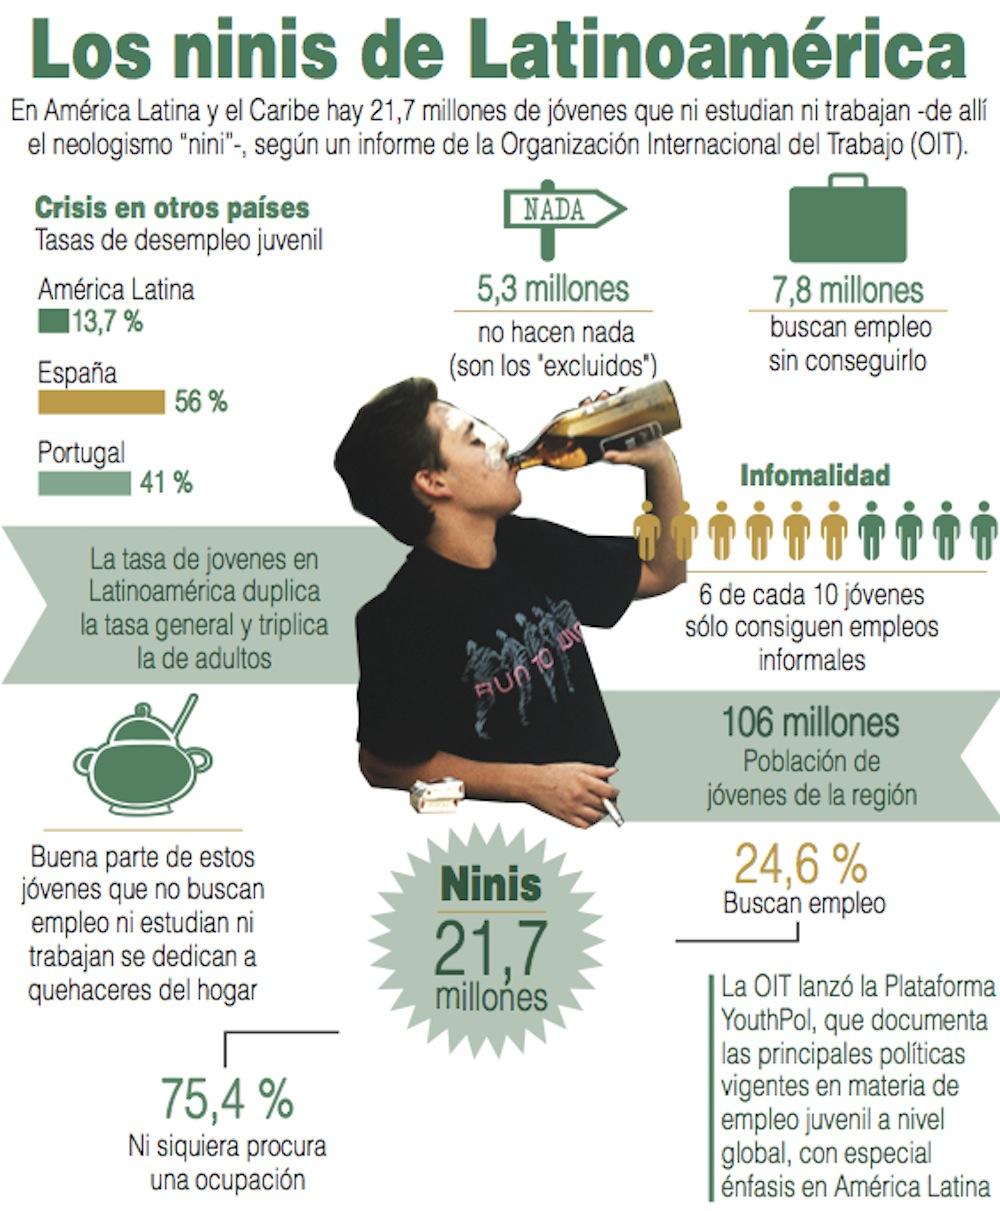 Los NINI en latinoamerica